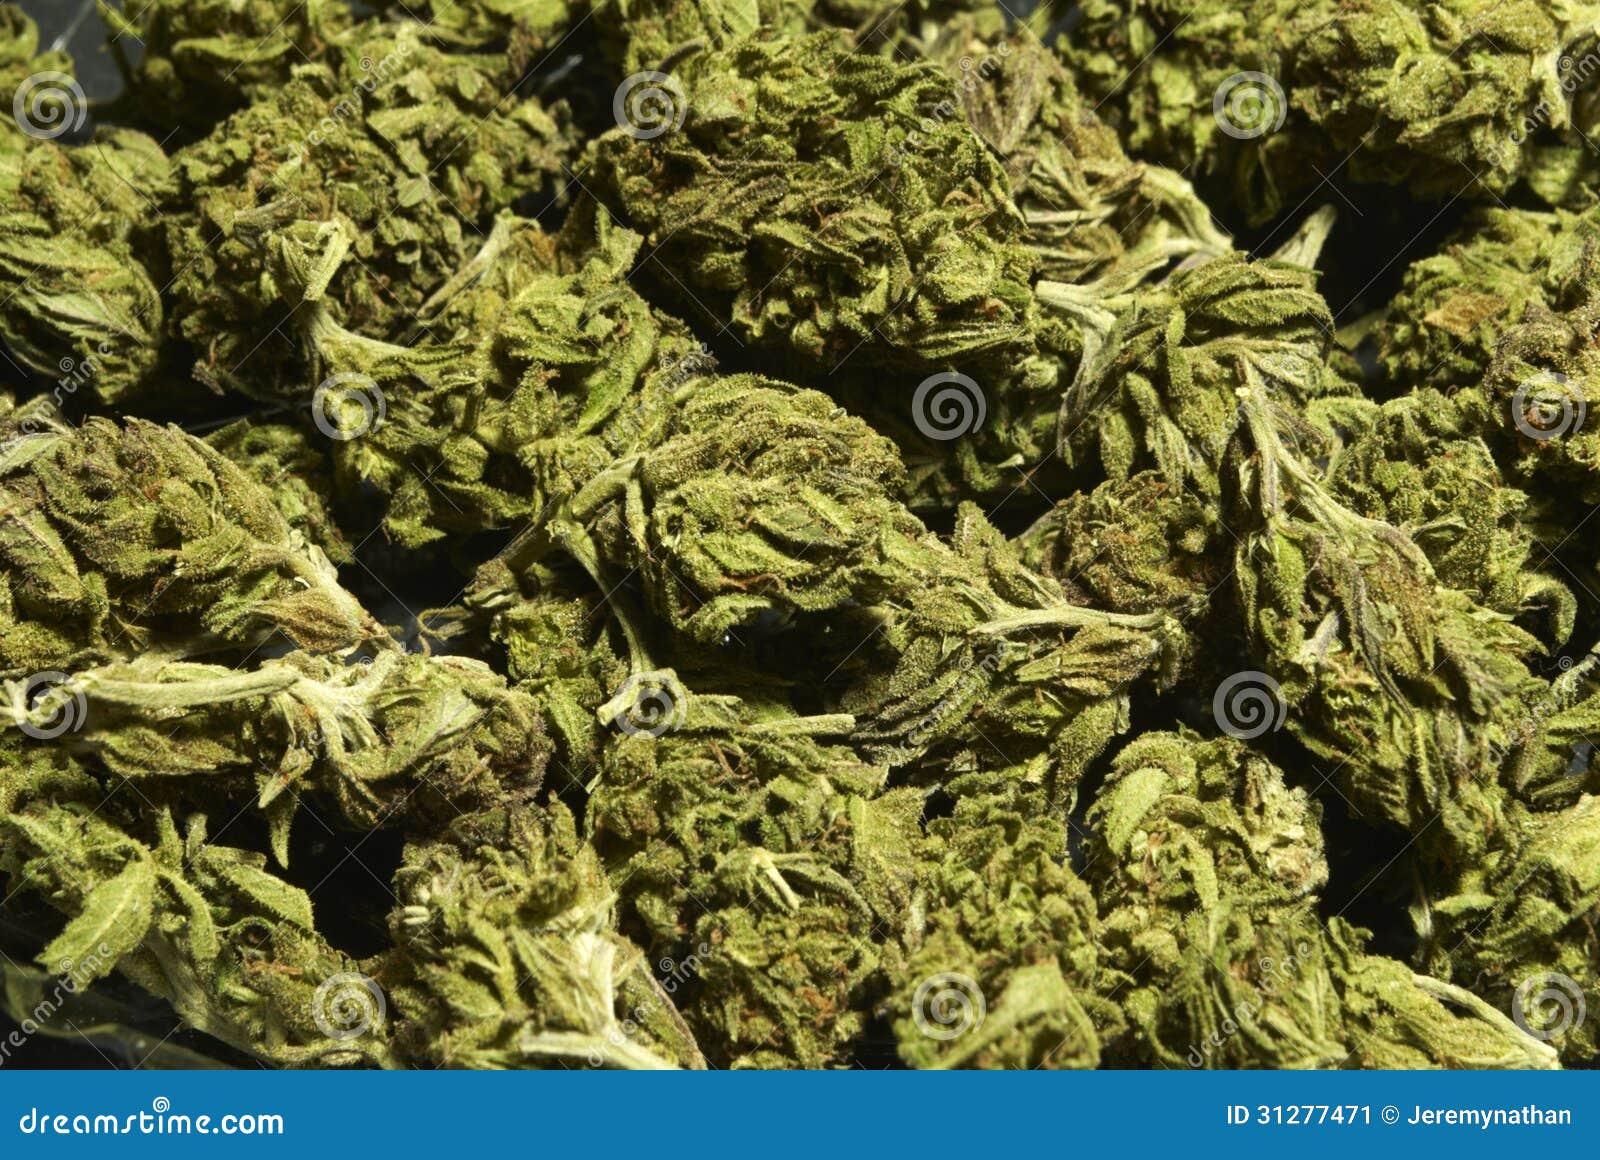 Medical Marijuana Background Stock Image Image 31277471